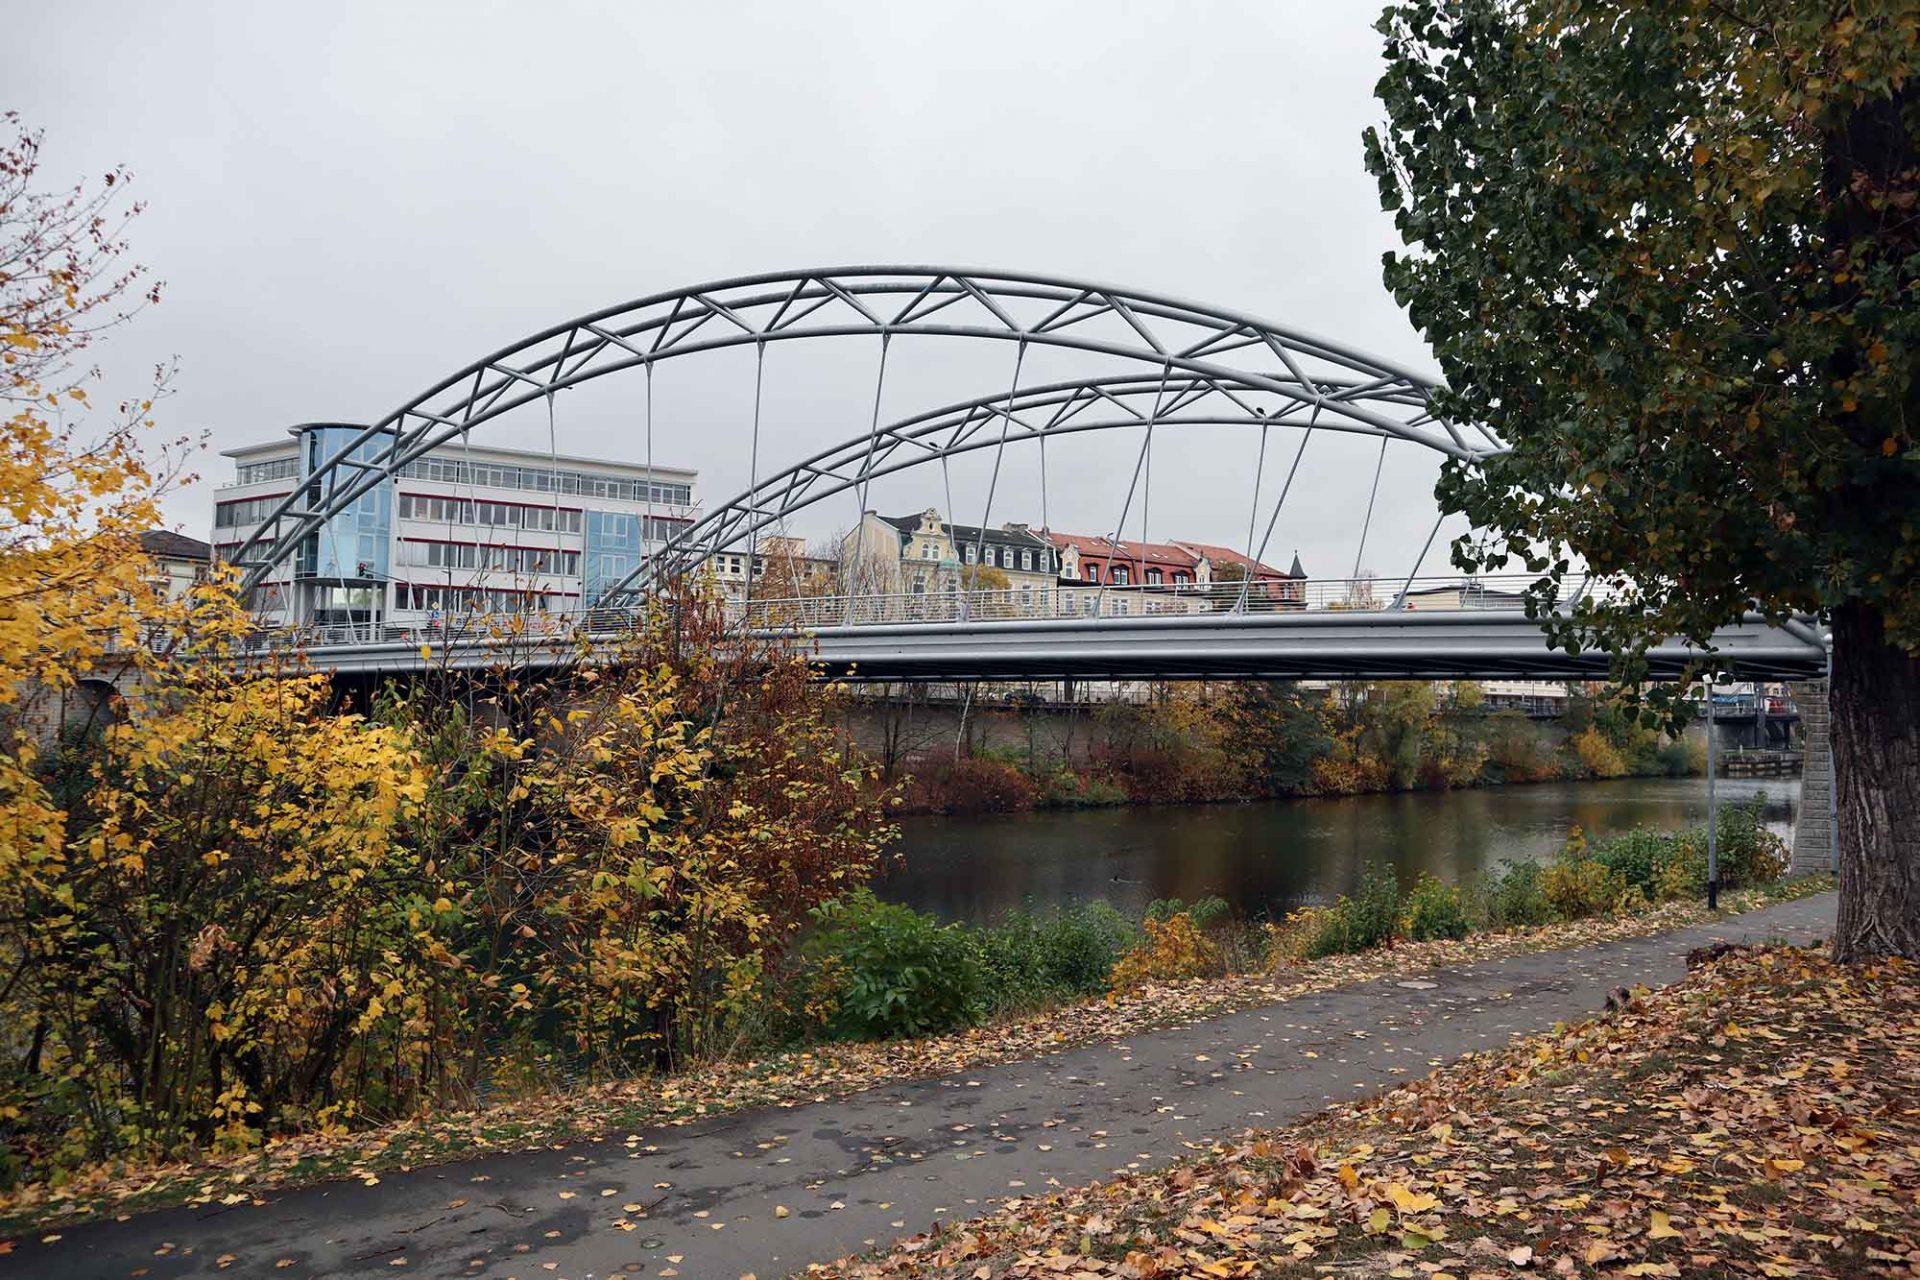 Luitpoldbrücke. Entwurf: Richard J. Dietrich, Büro für Ingenieur-Architektur aus Traunstein. Fertigstellung: 2006. Die Straßenbrücke ist 101 m lang und 21 m breit. Baukosten: 5,8 Millionen Euro